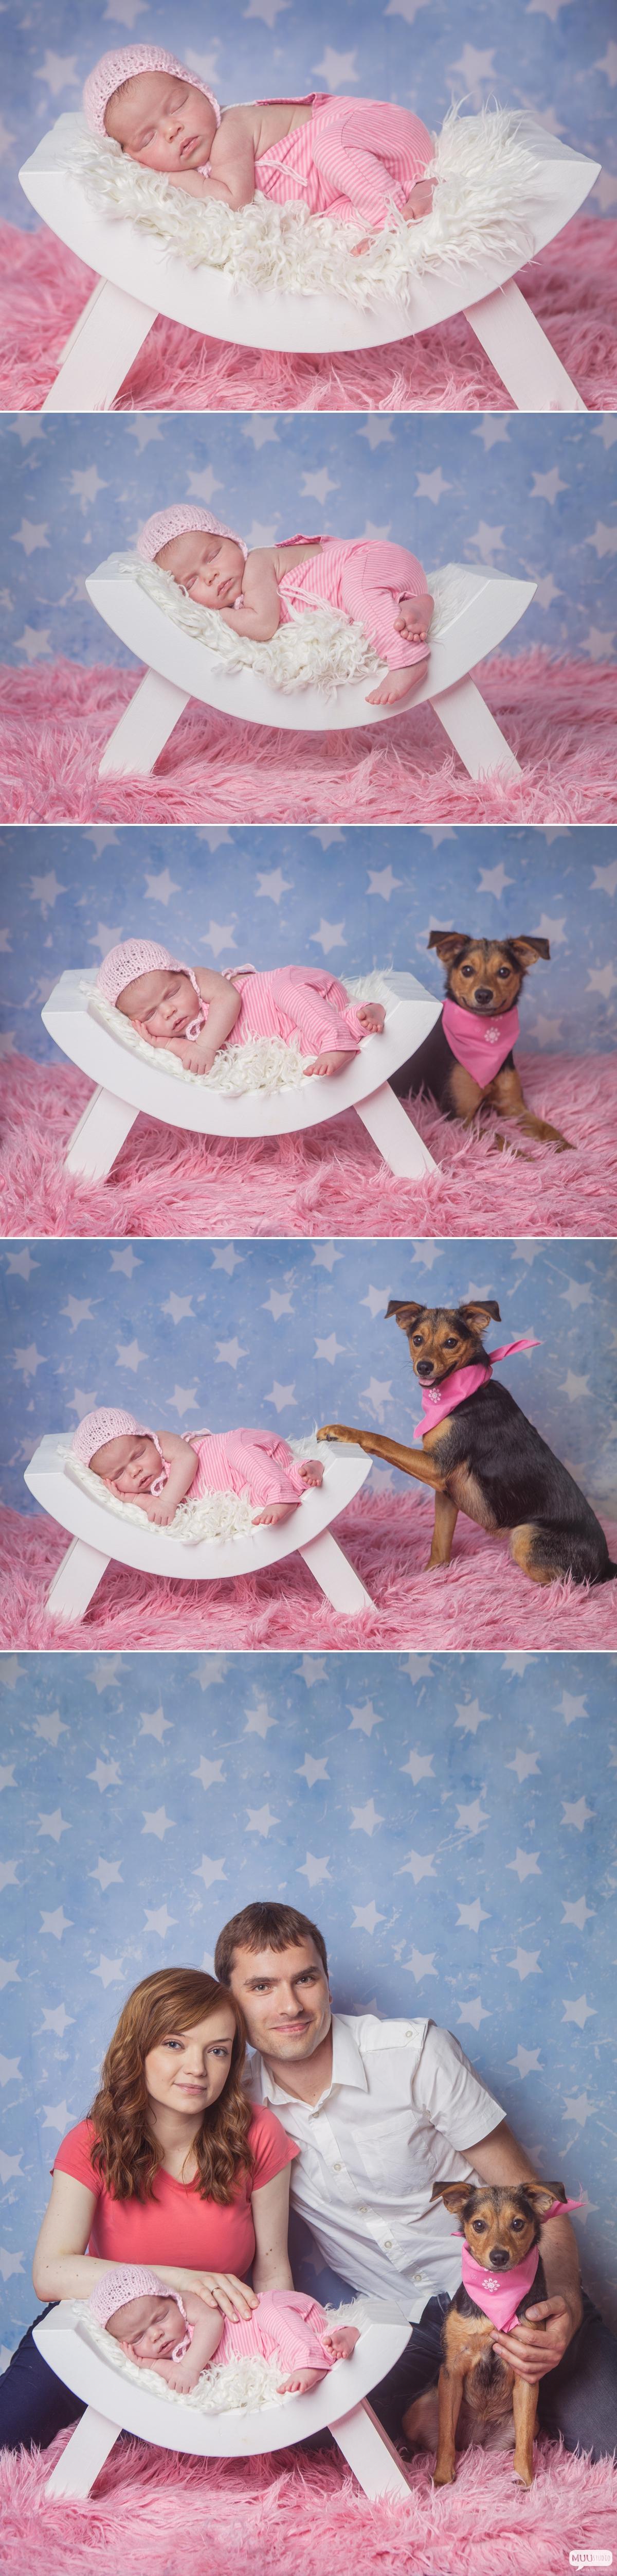 zdjęcia noworodka ze zwierzakiem